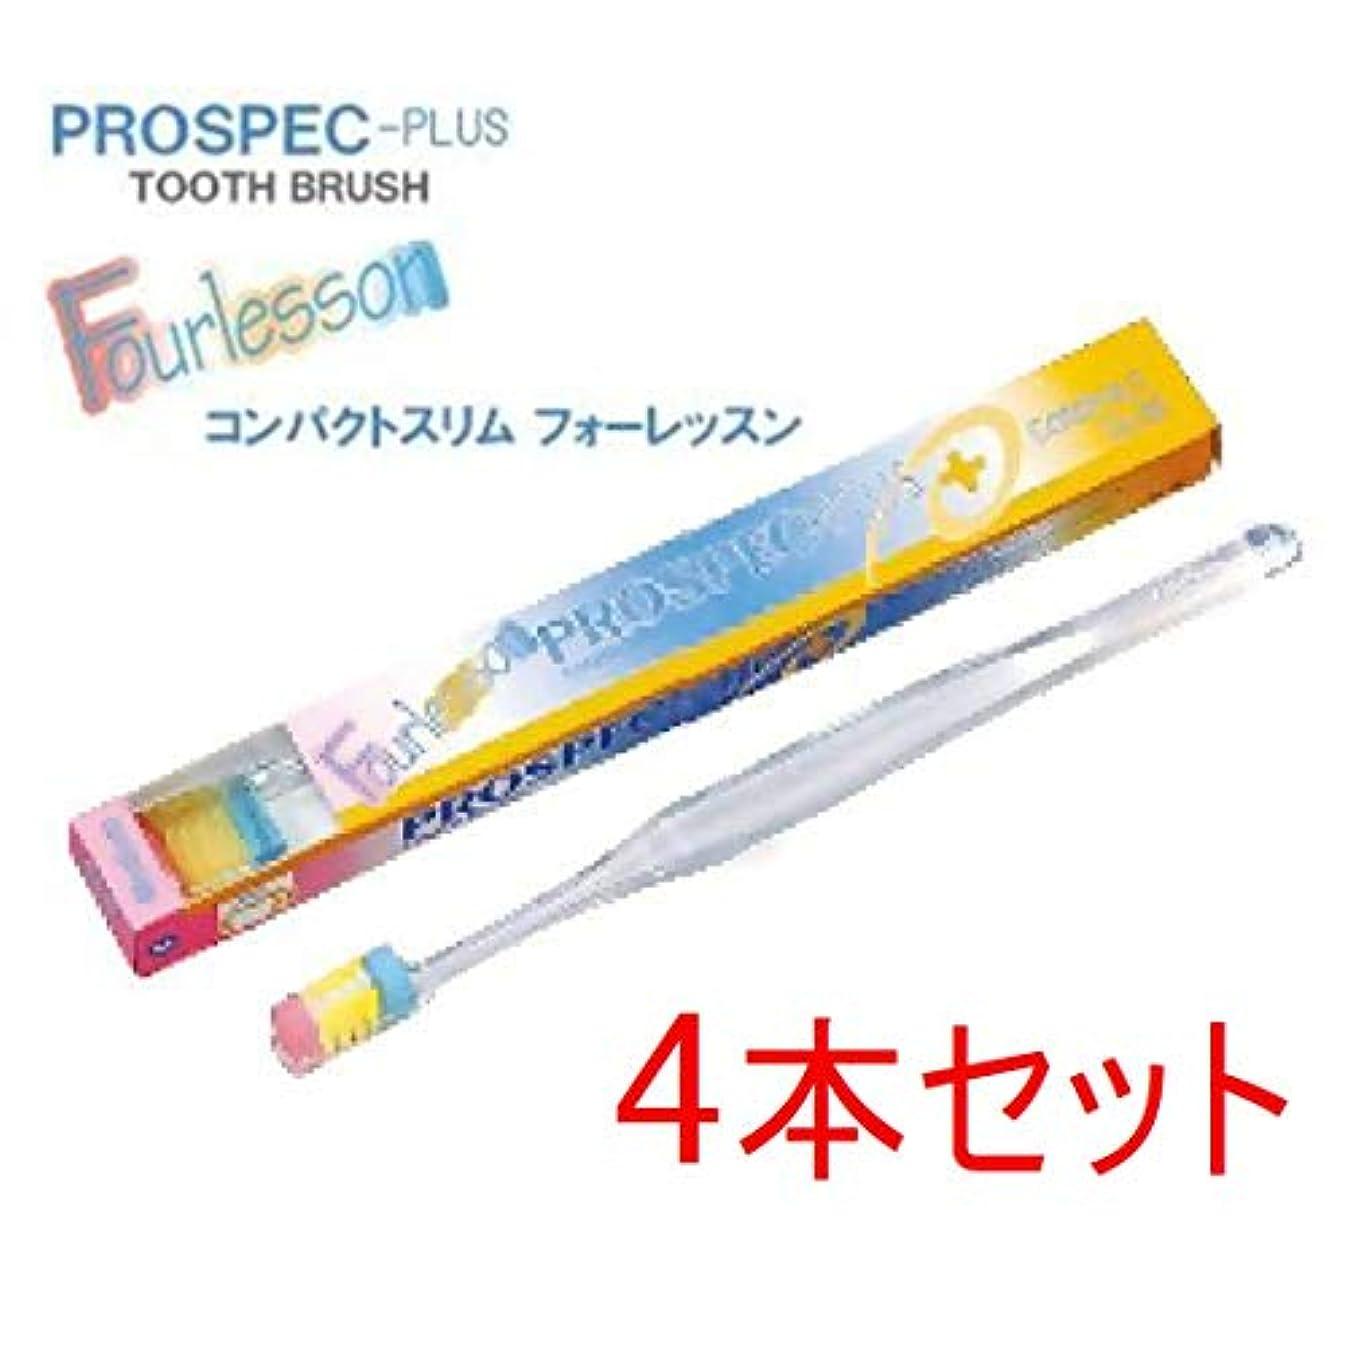 発生懐疑的航海プロスペック 歯ブラシ コンパクトスリム 4本 フォーレッスン 毛の硬さ ふつう